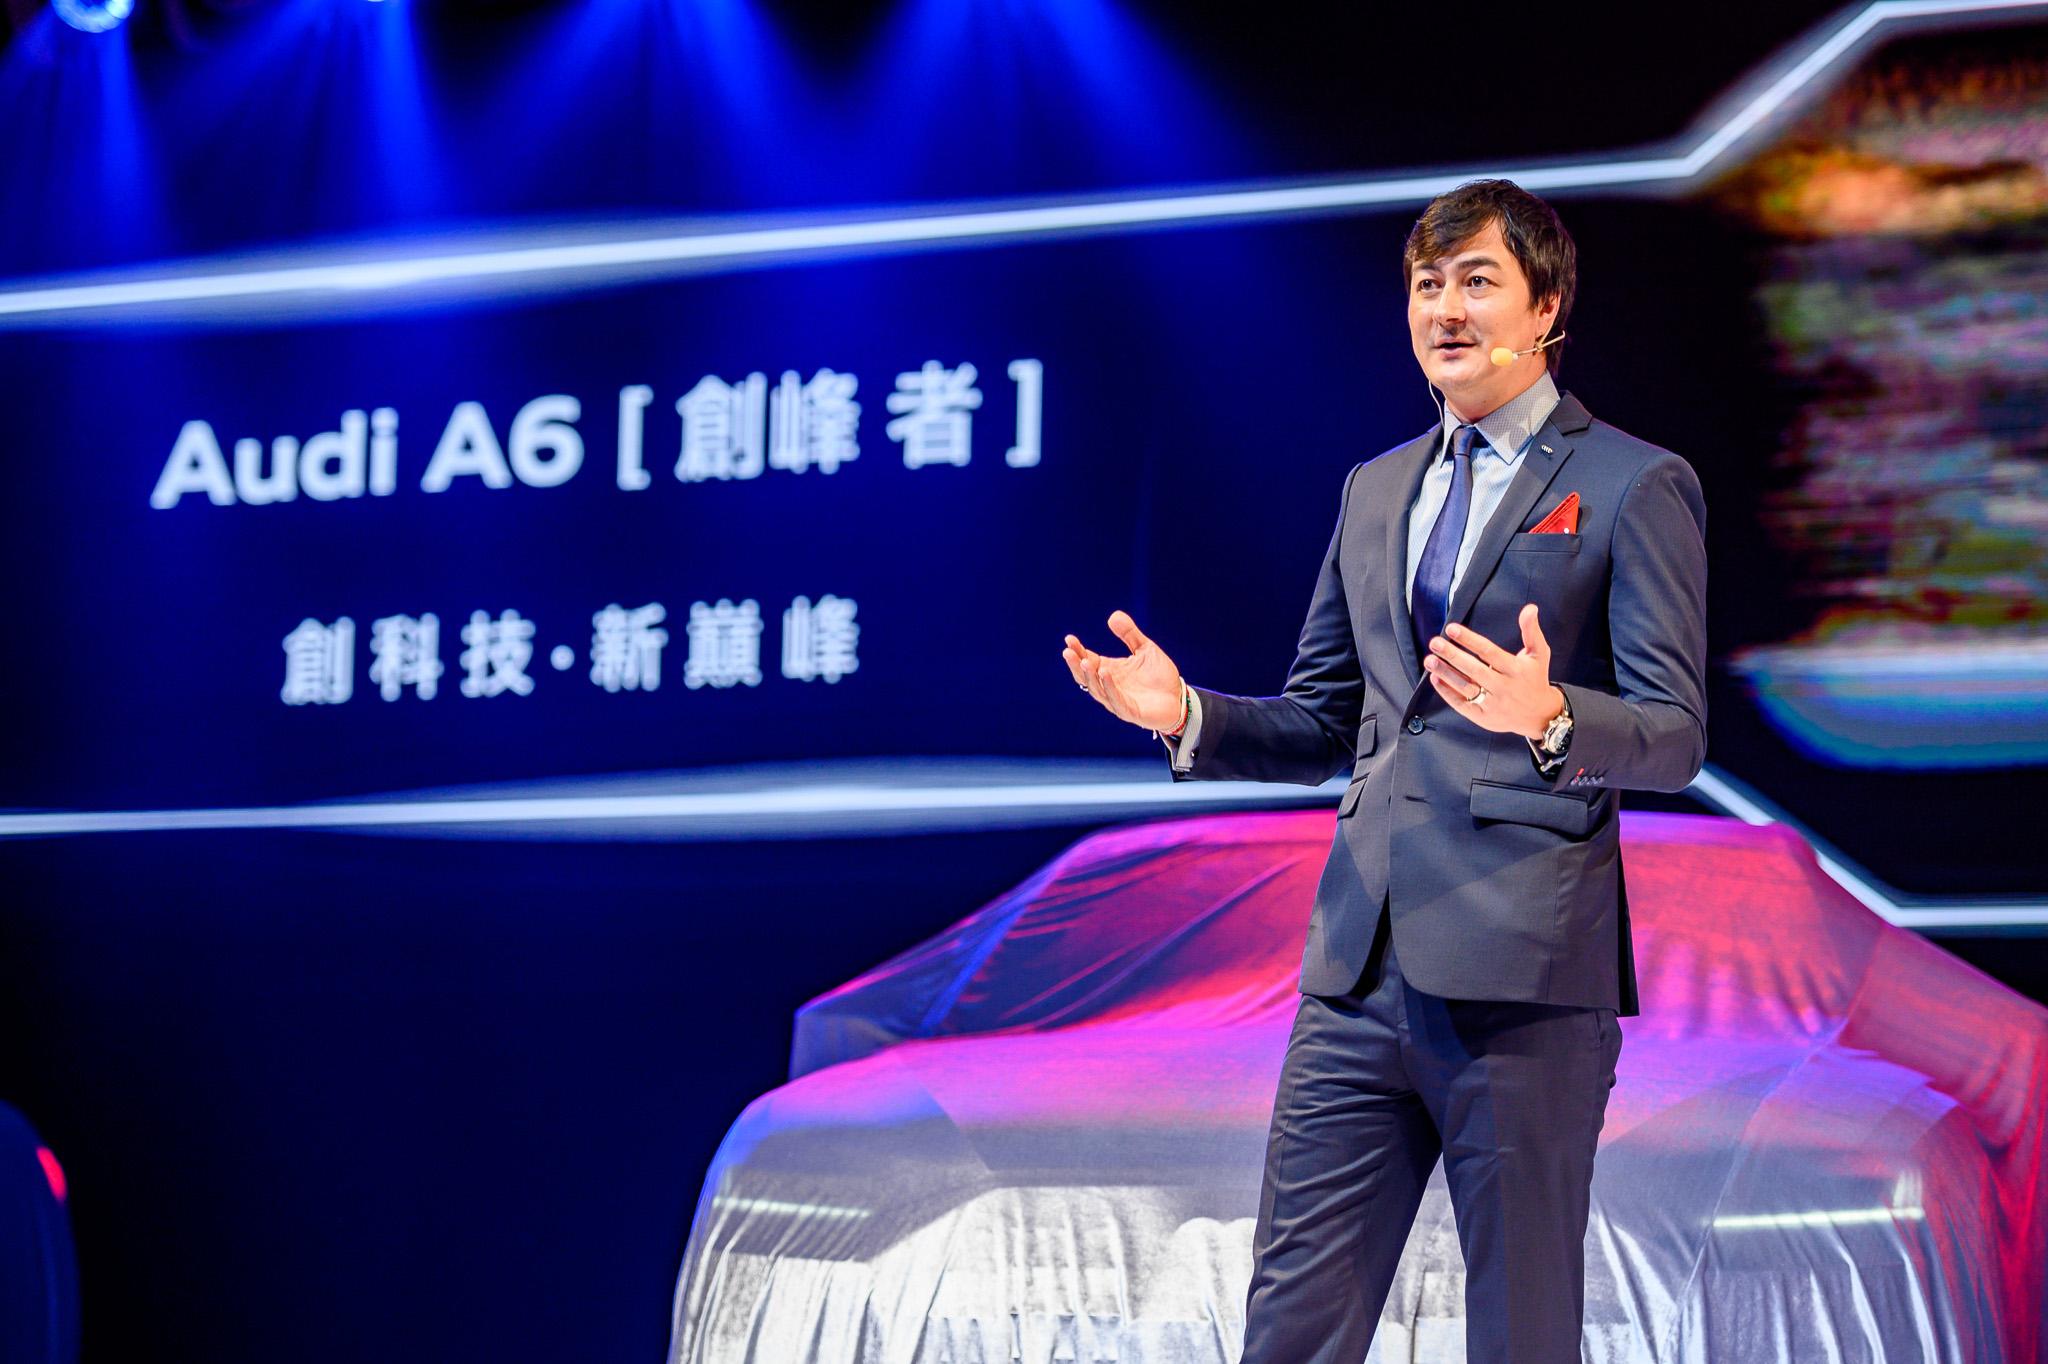 2019年8月於新世代A6/A7/A8發表時,Matthias Schepers便曾提到會以「顧客導向」、「售後服務品質」、「台灣市場產品策略」三大策略為主要發展重點。